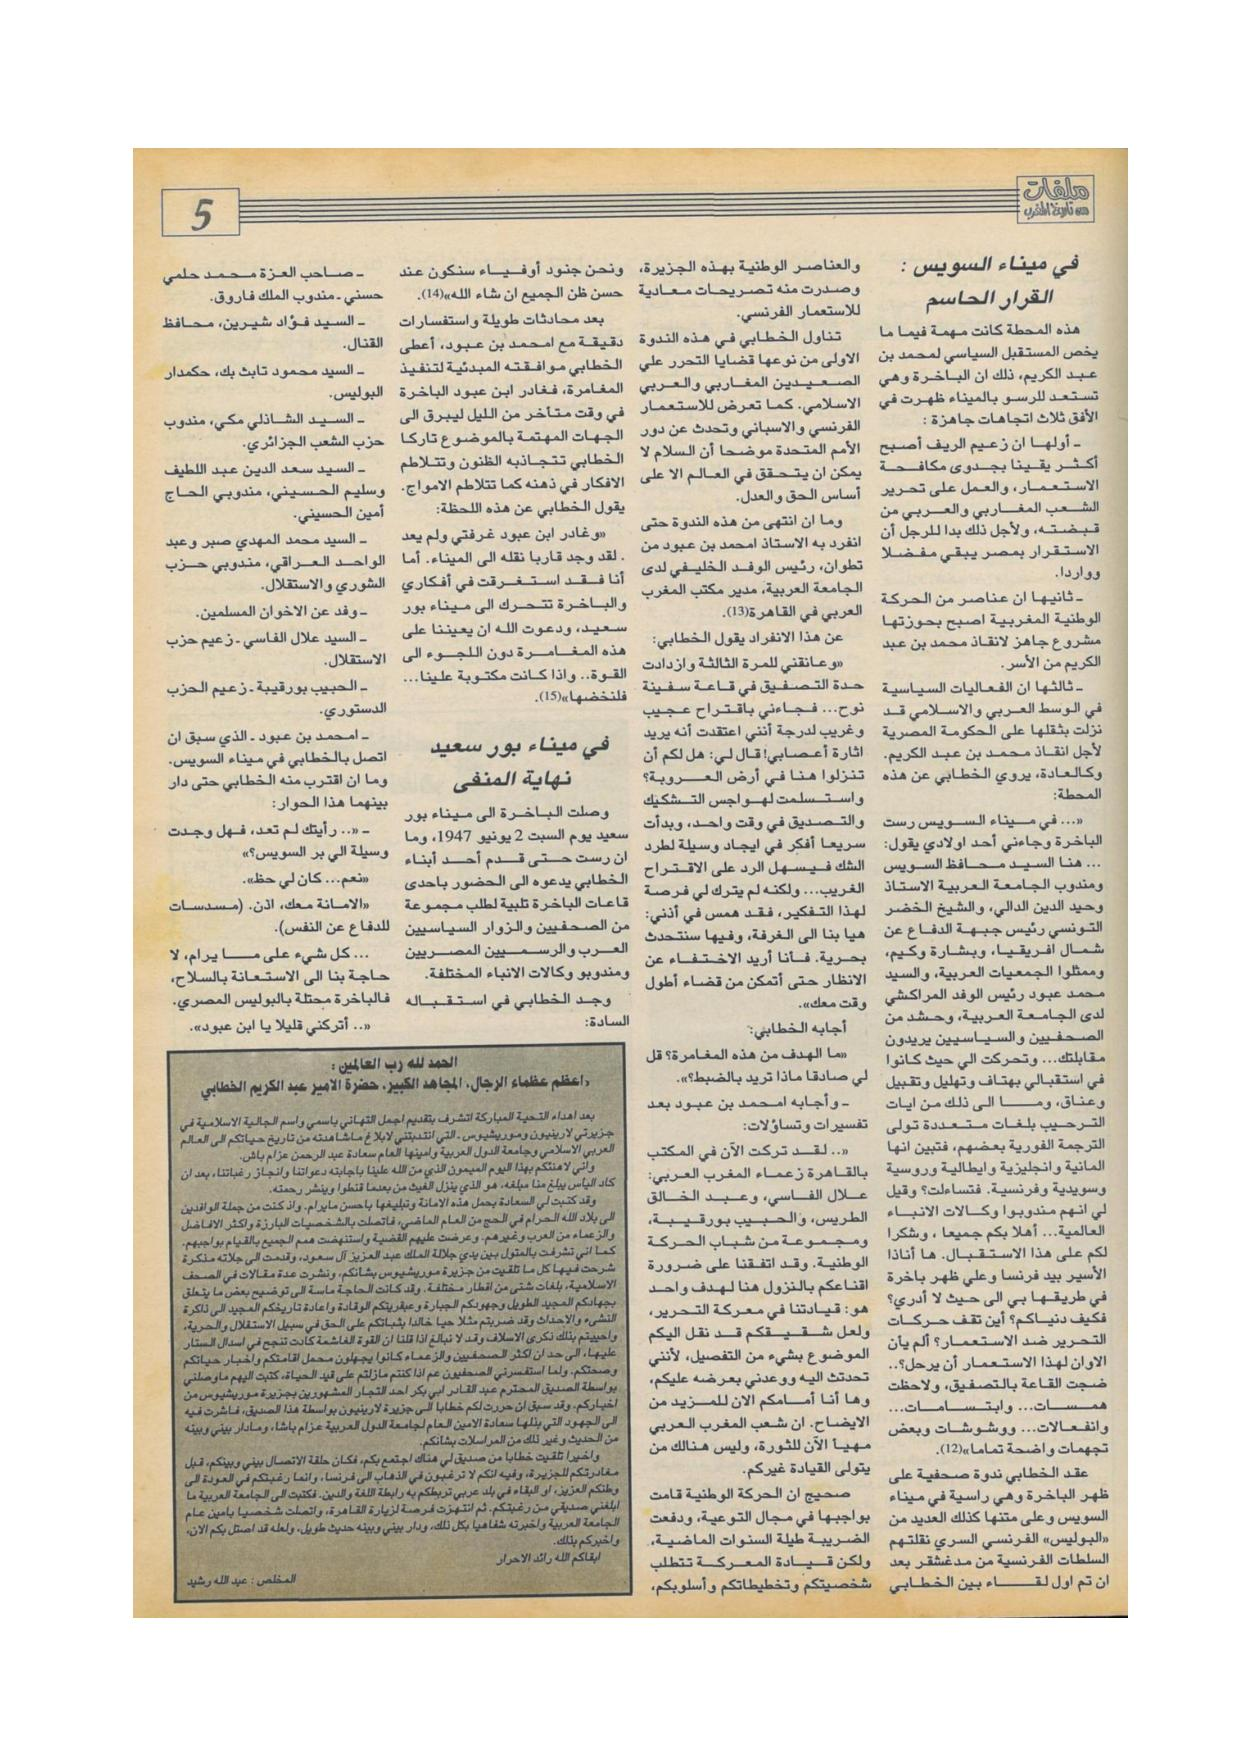 Dossiers de l histoire du Maroc n°01 Juin 1996-page-025.jpg